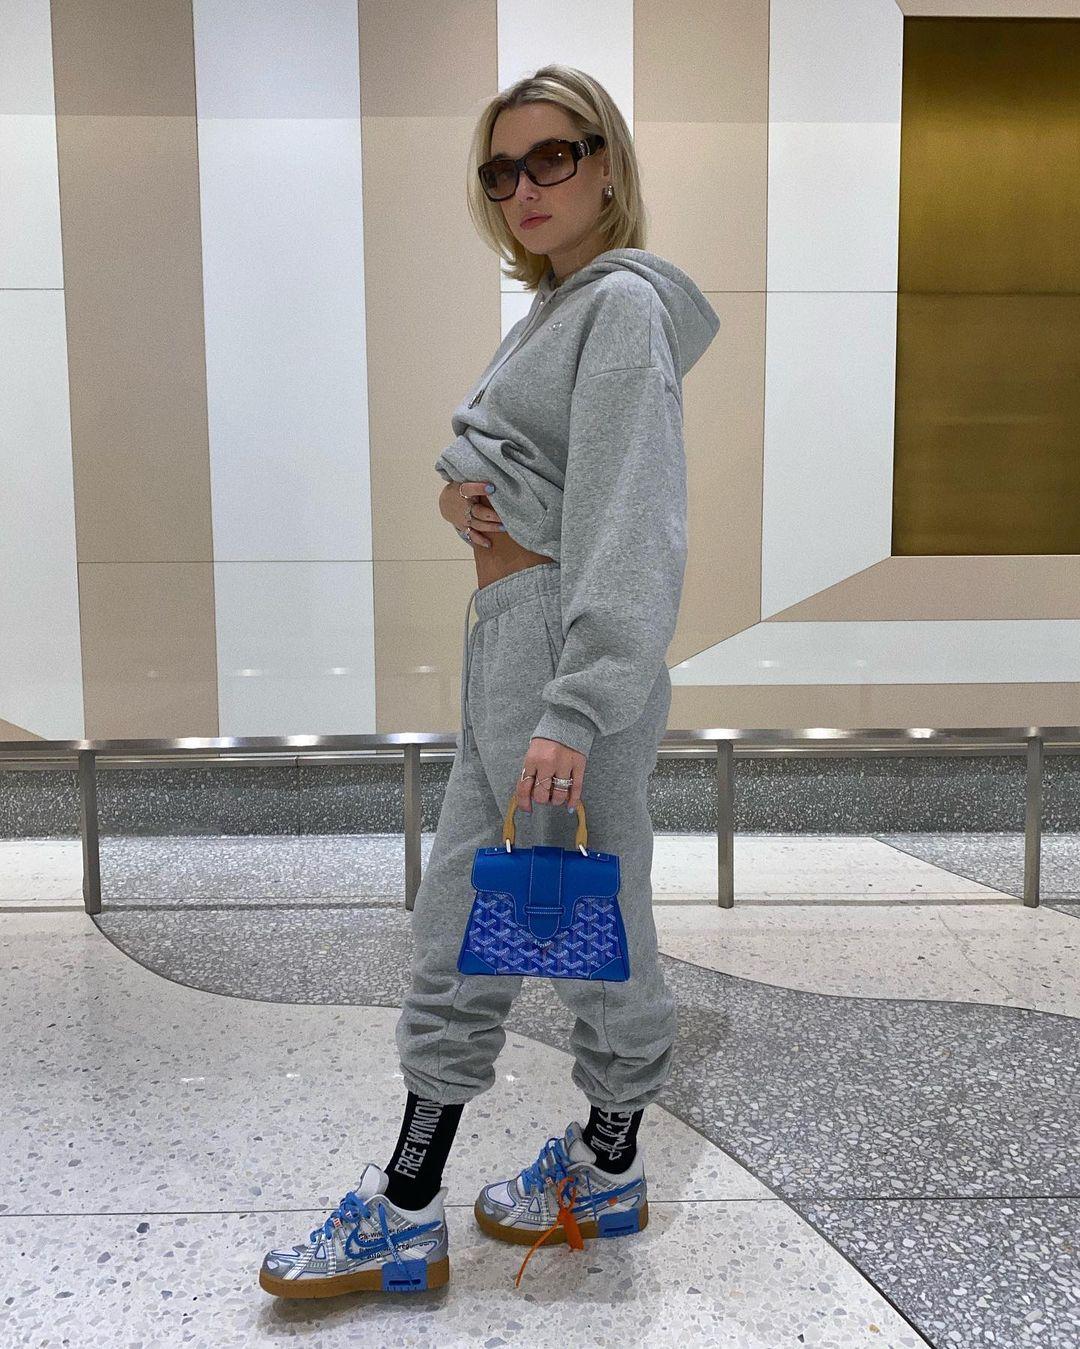 明星球鞋  美国版 DJ Soda 又来了!颜值高、身材好,球鞋女神看她就够了!